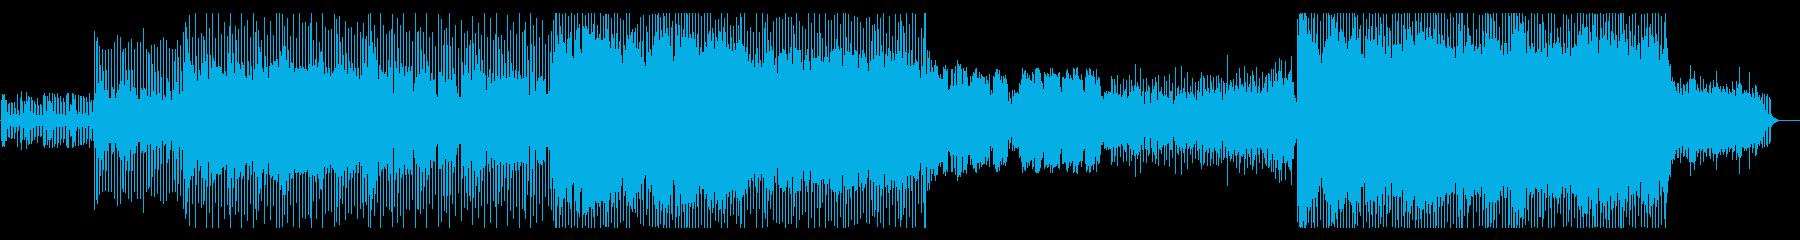 理想と現実ポップスの再生済みの波形